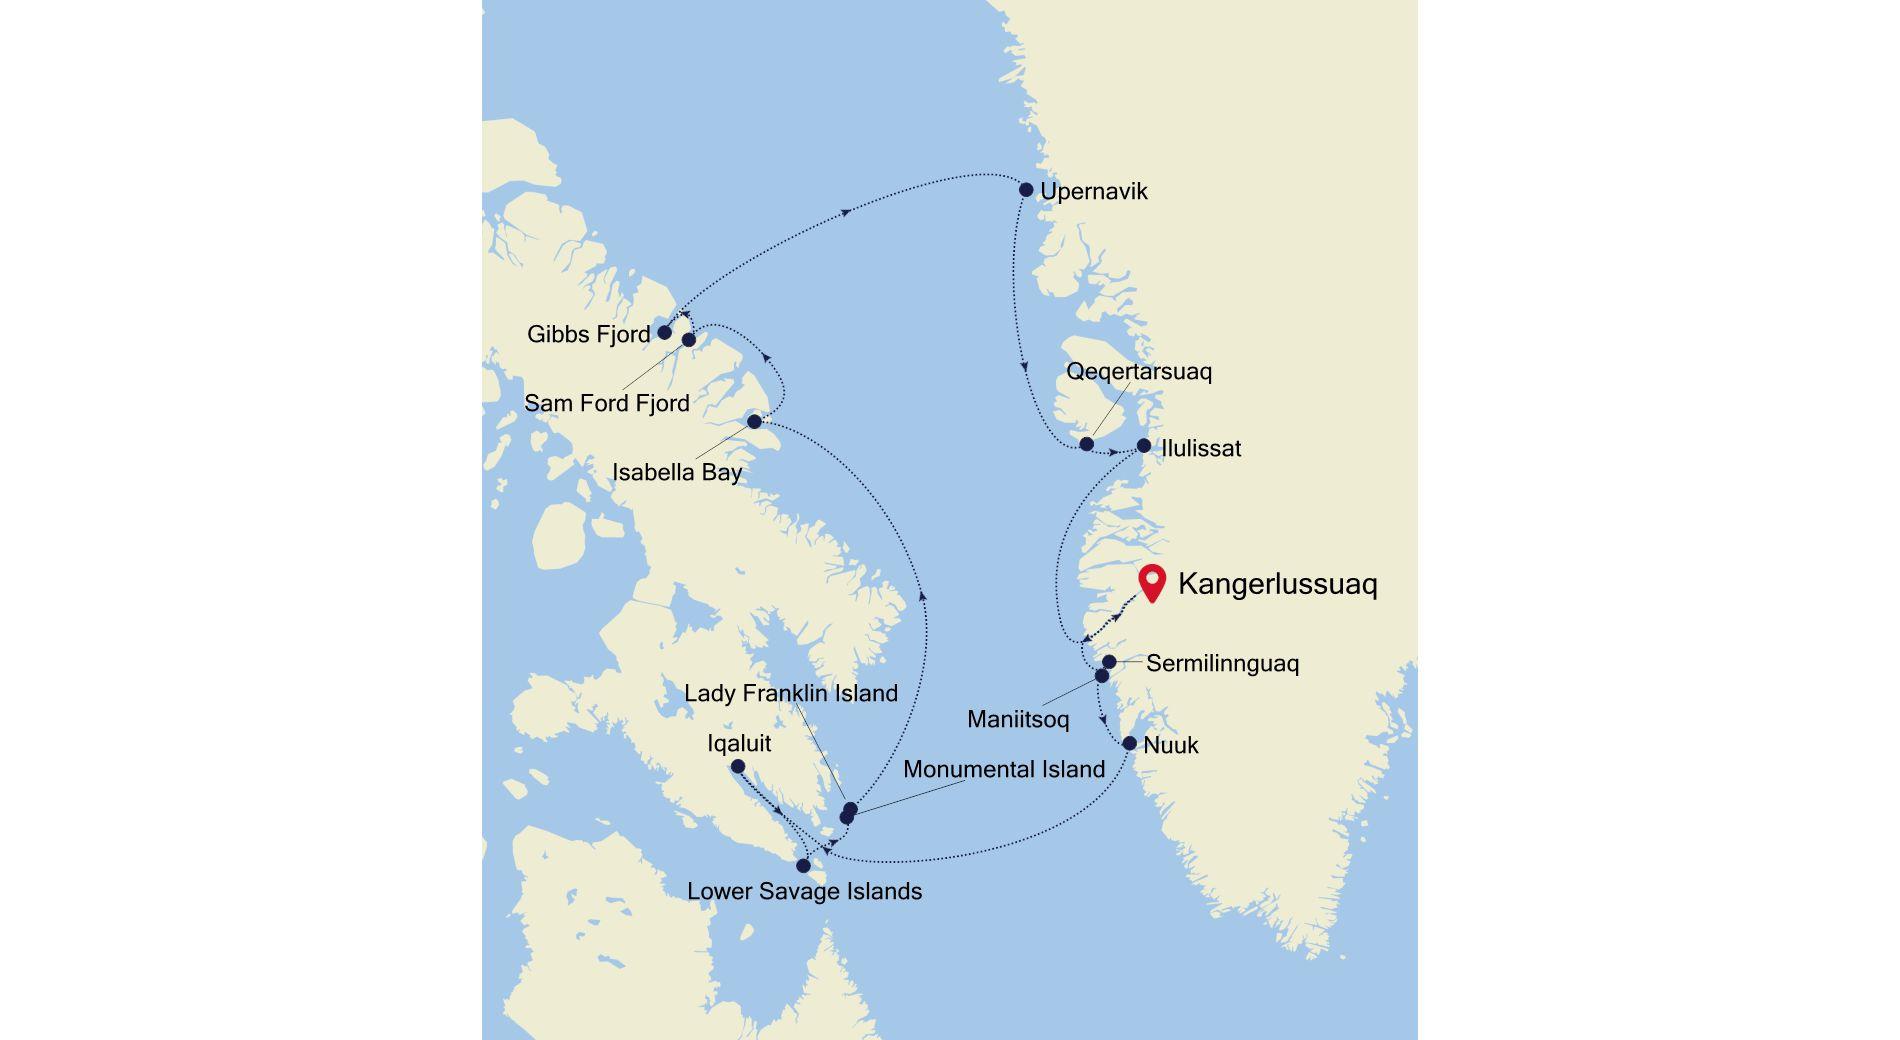 E4210808016 - Kangerlussuaq a Kangerlussuaq